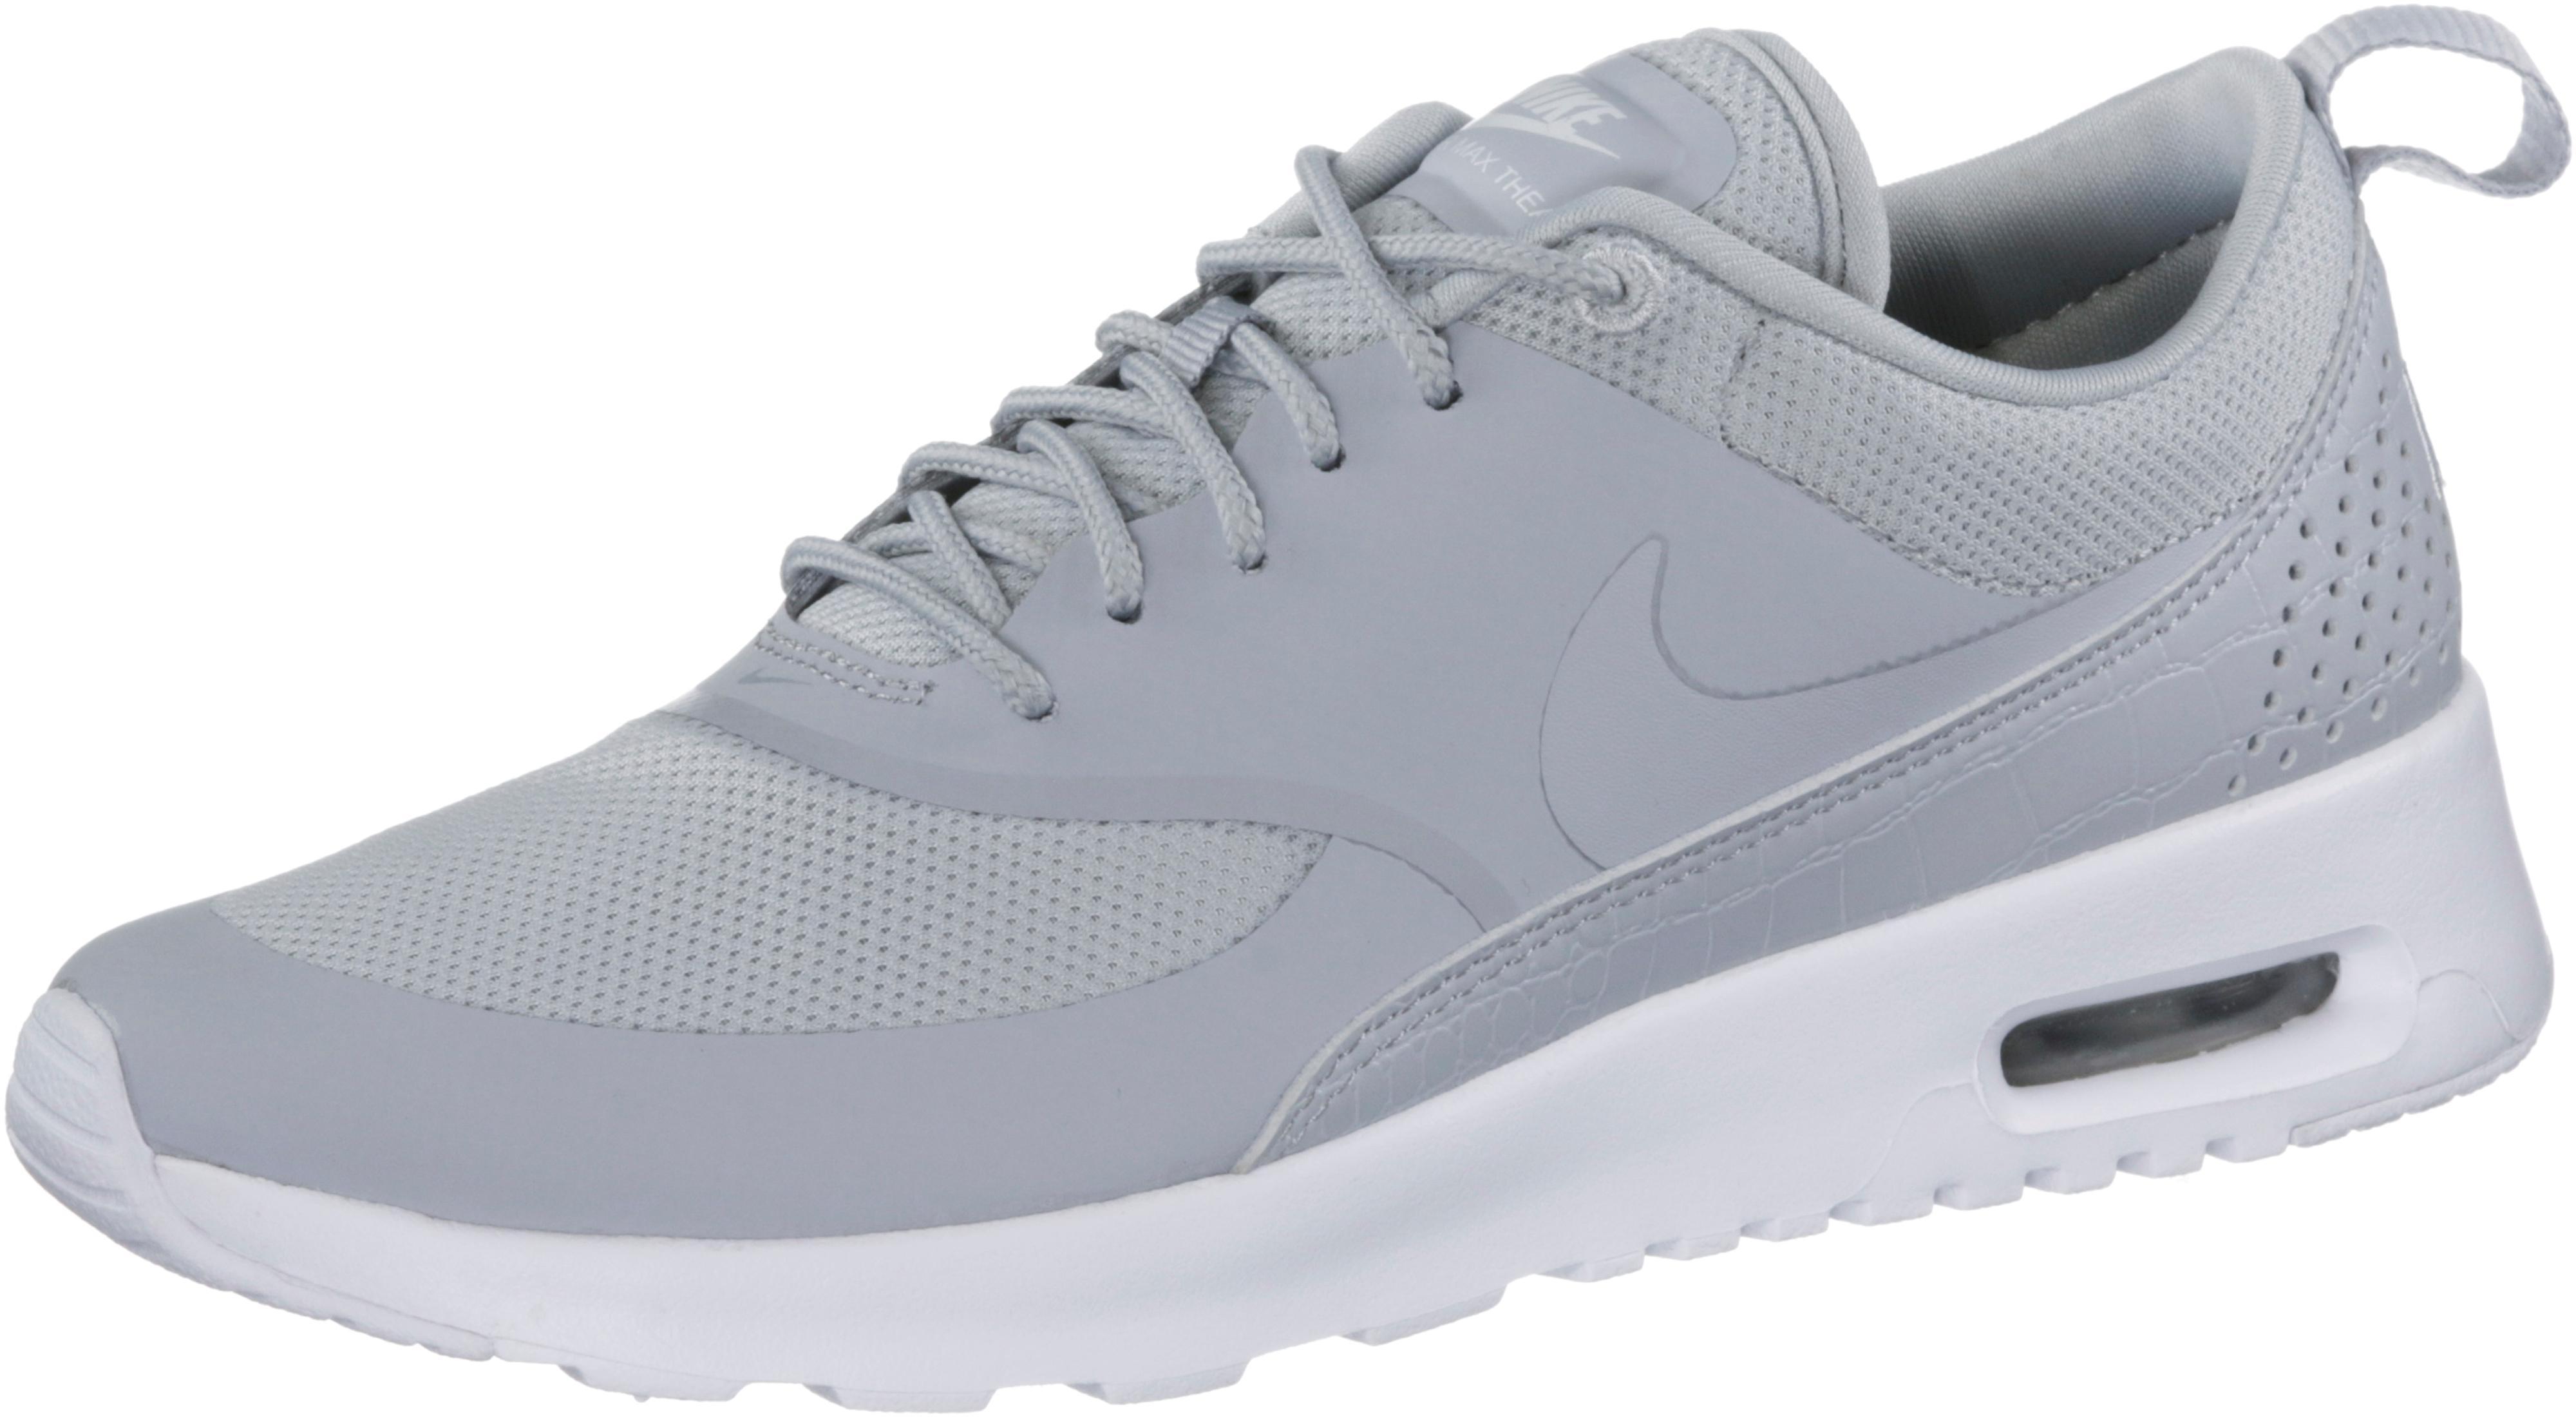 Nike WMNS AIR MAX THEA Sneaker Damen grau im Online Shop von SportScheck kaufen